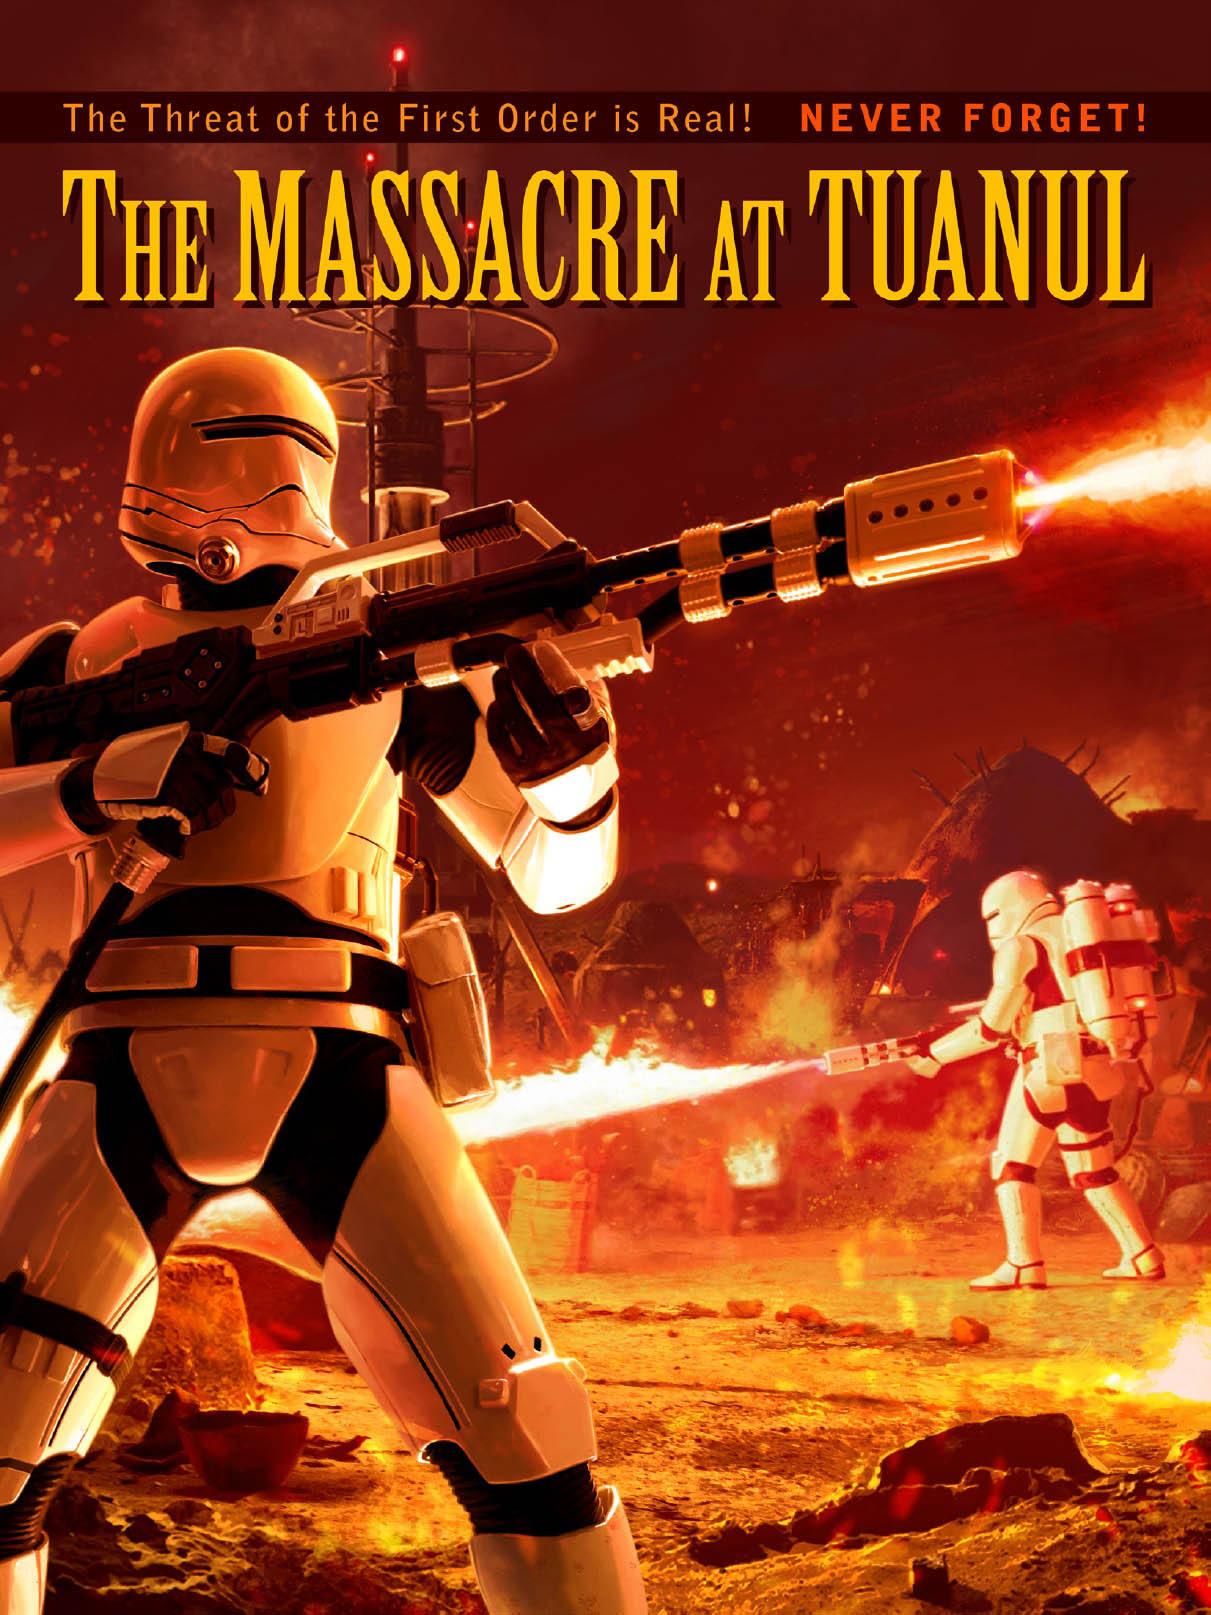 The Massacre at Tuanul